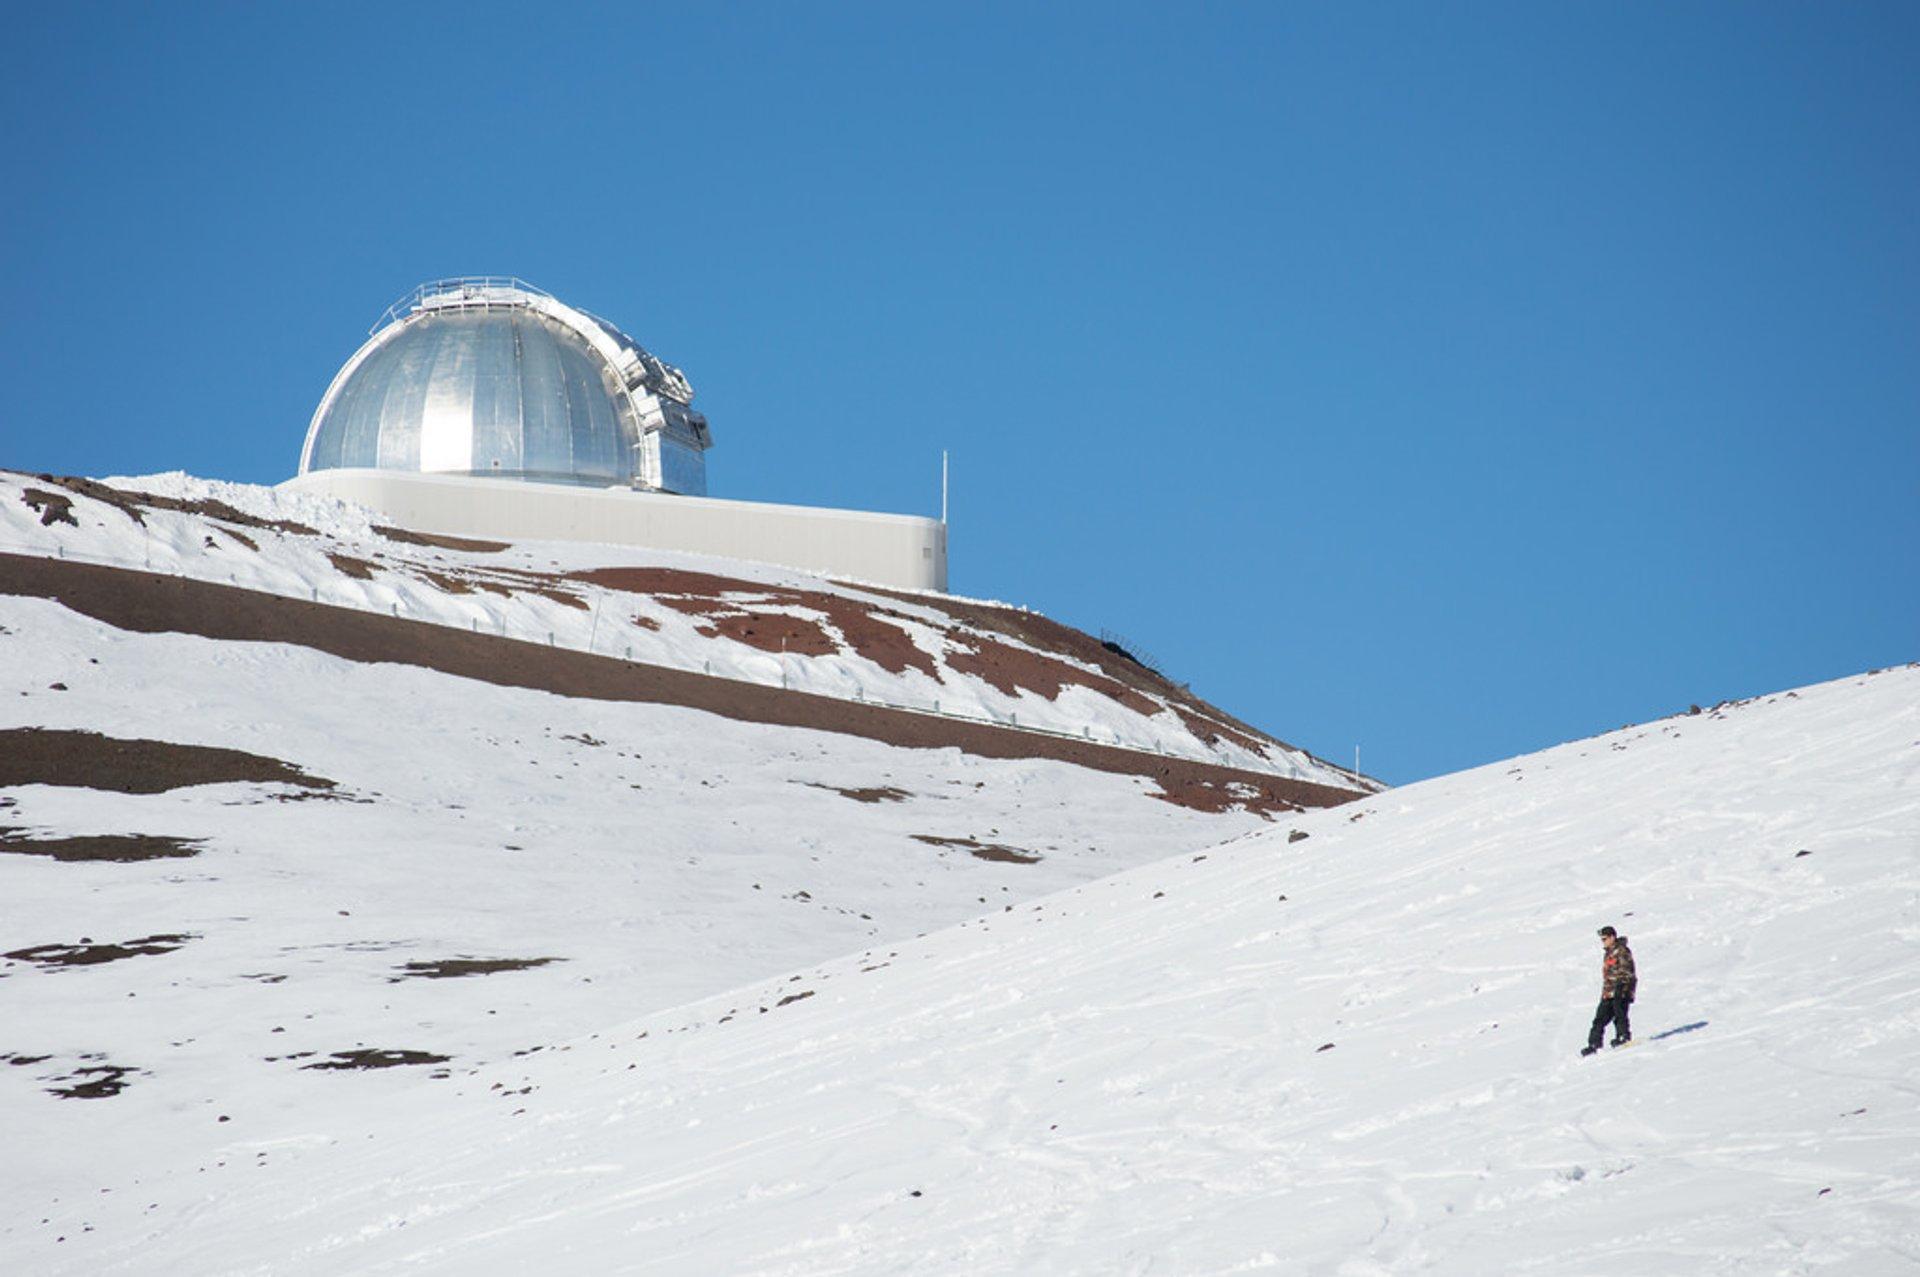 Skiing and Snowboarding Mauna Kea in Hawaii - Best Season 2020